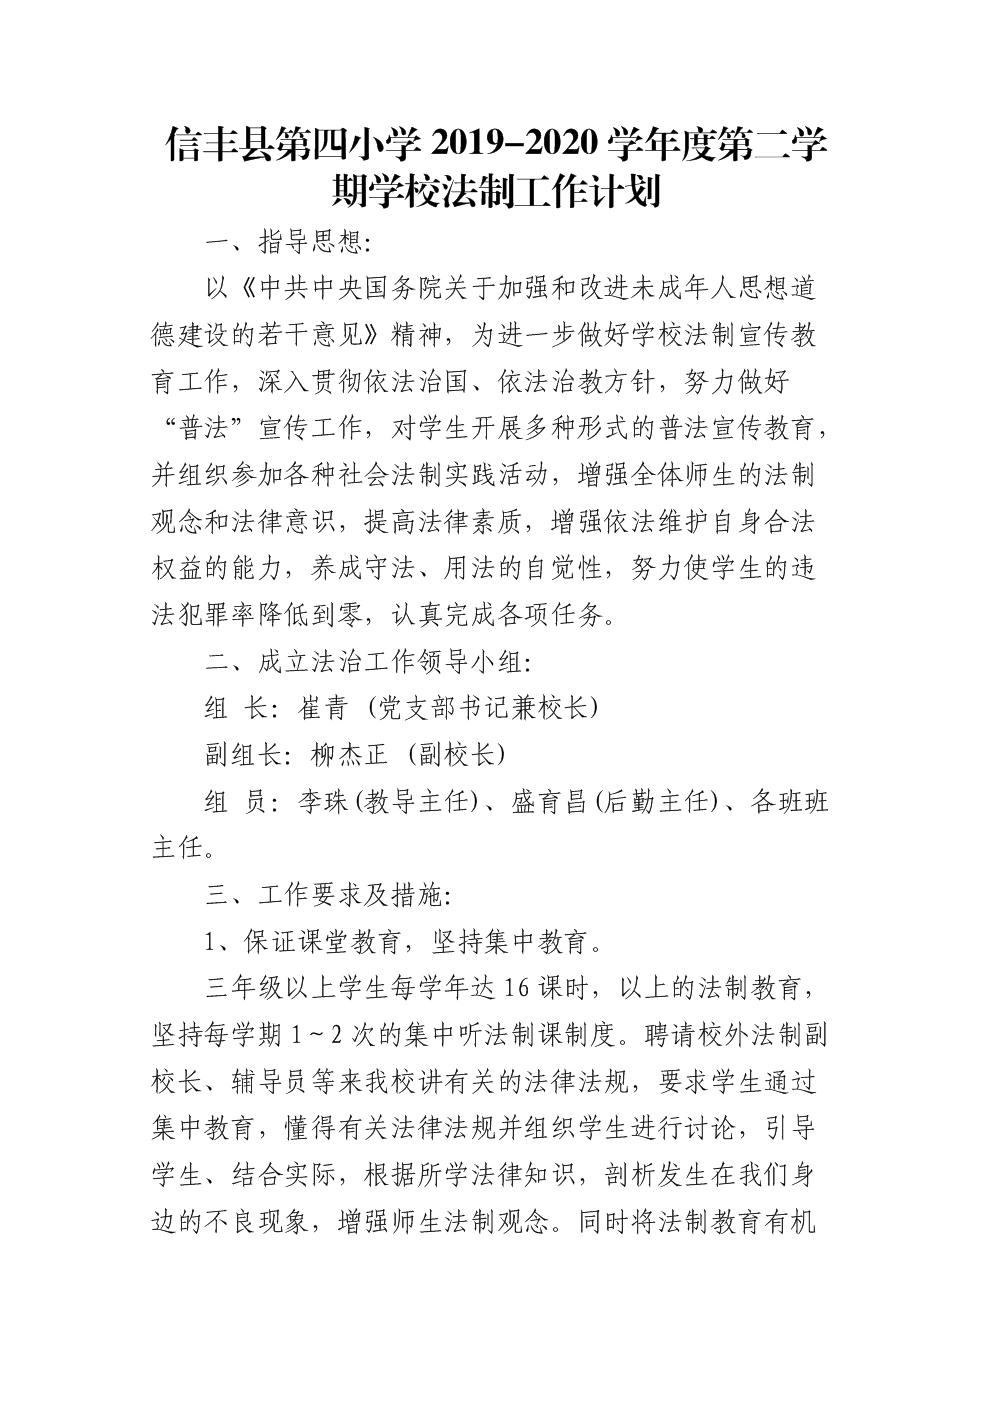 信丰县第四小学2019-2020学年度第二学期学校法制工作计划.docx